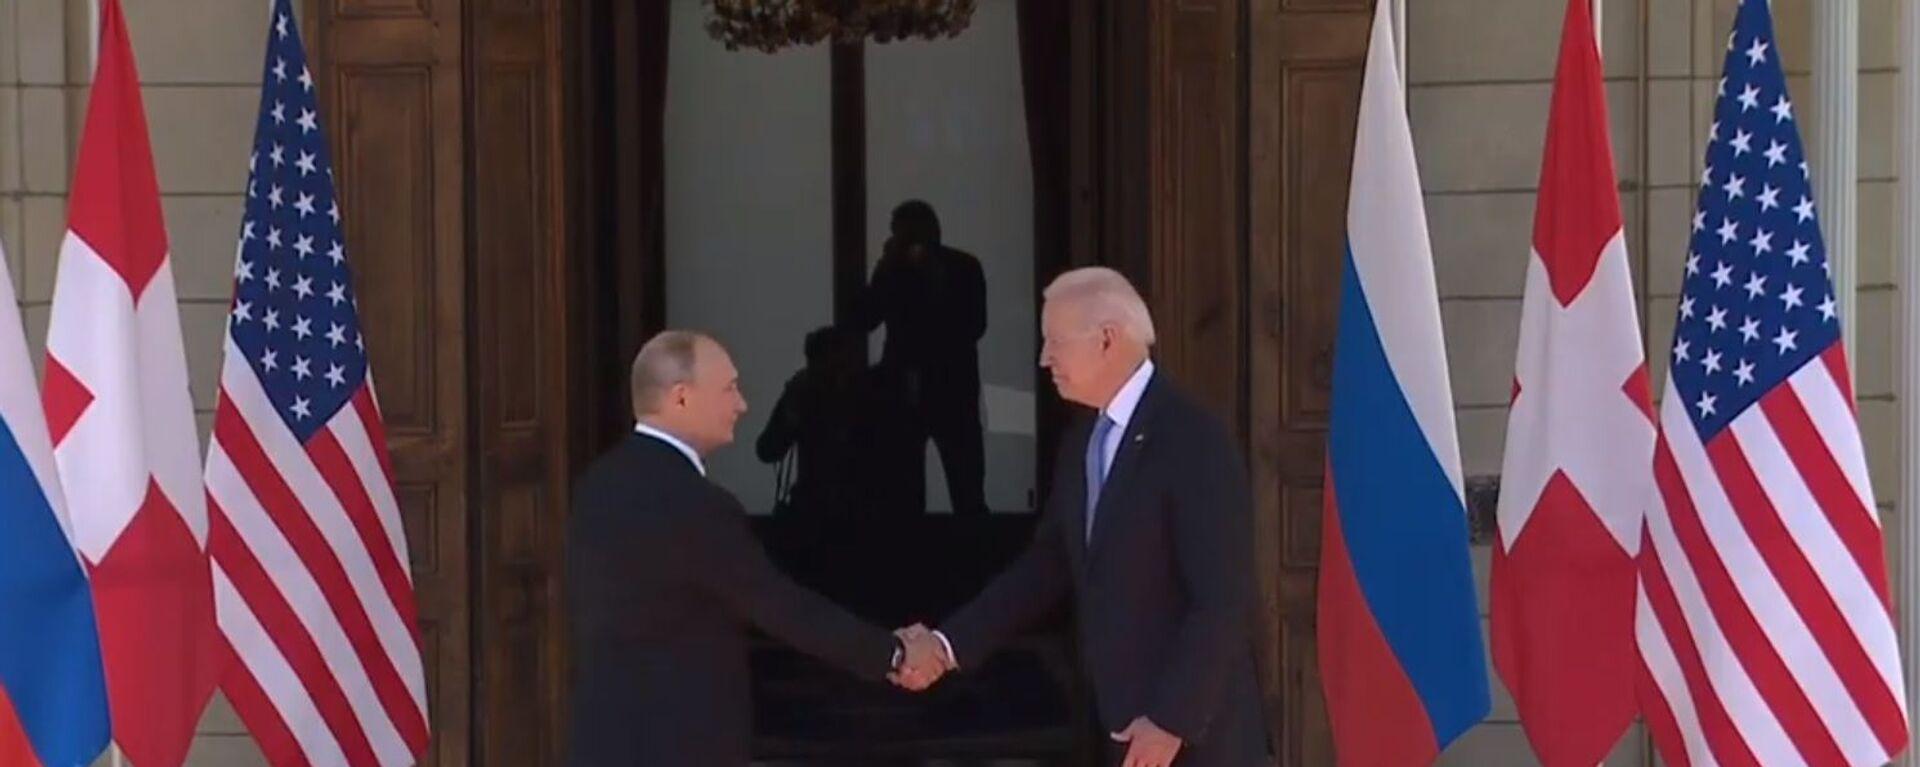 Владимир Путин и Џо Бајден у Женеви - Sputnik Србија, 1920, 16.06.2021